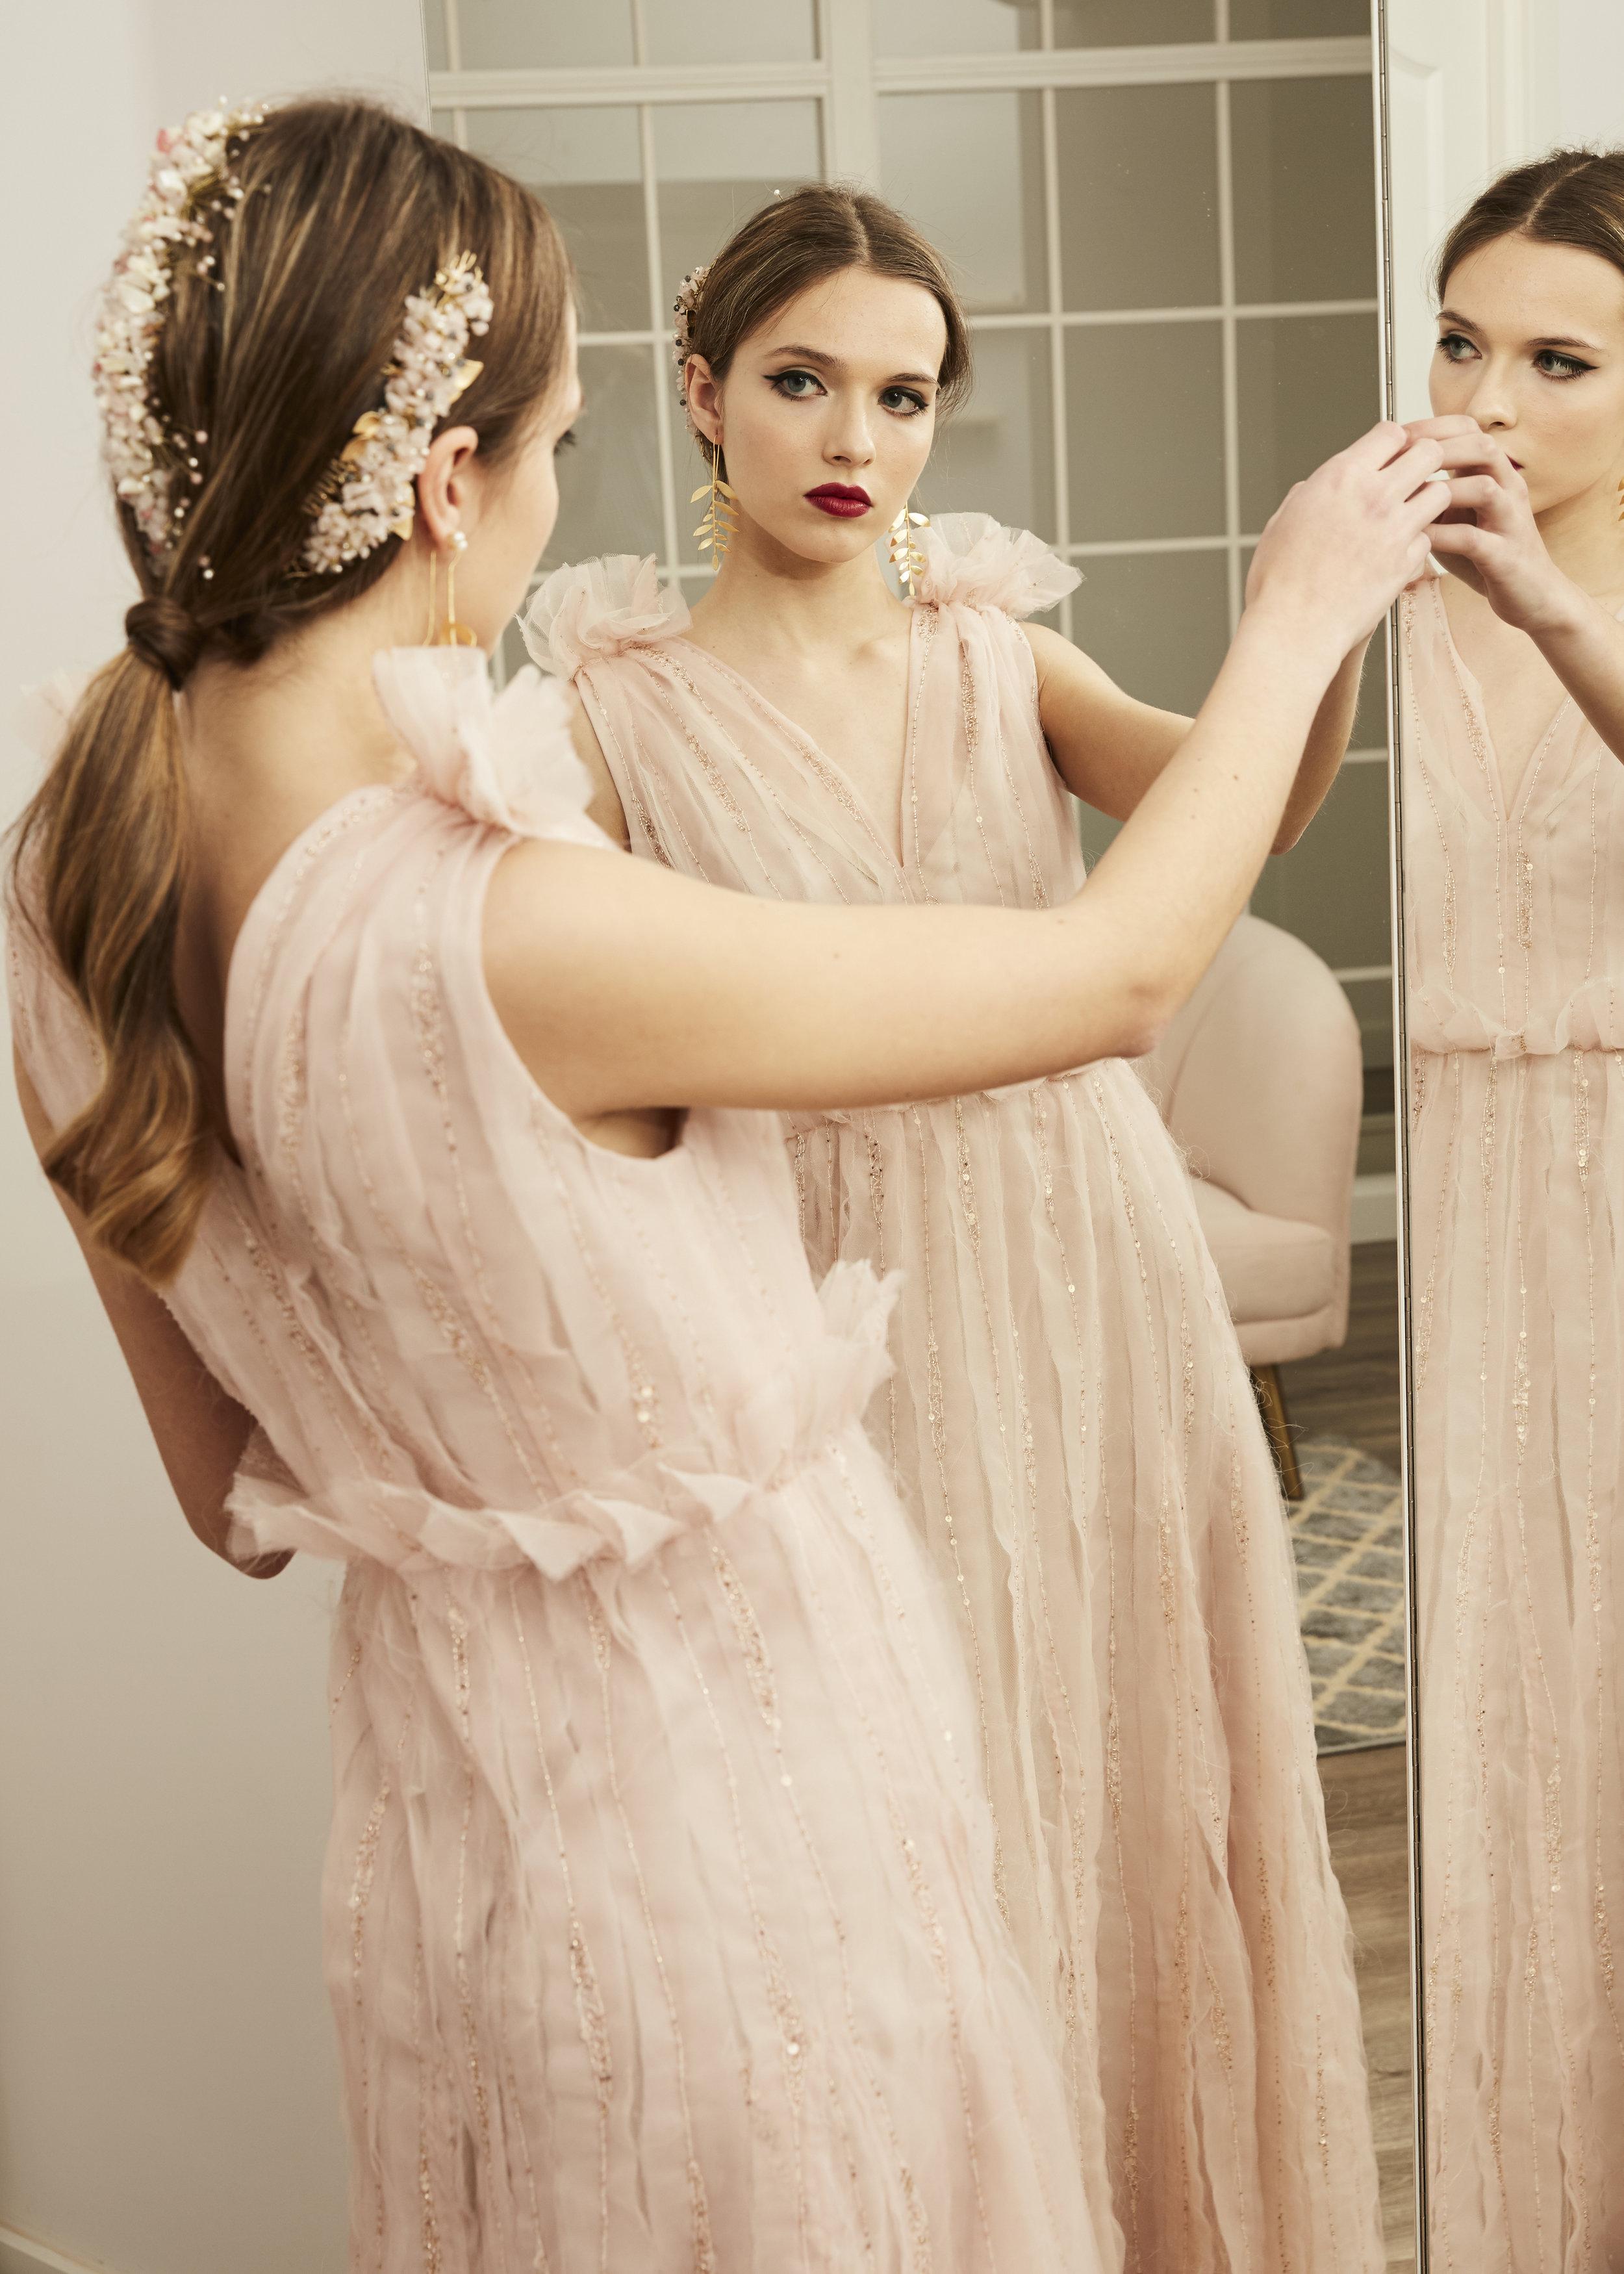 Andrea  con vestido ·B e r o e·  @lauralomasdesign   Pendientes: @acus_complementos  modelo: ✨Baobab✨  Tocados:  @cocoluco  ♥️  Foto: @maritutunni  Maquillaje: @tespin.makeup